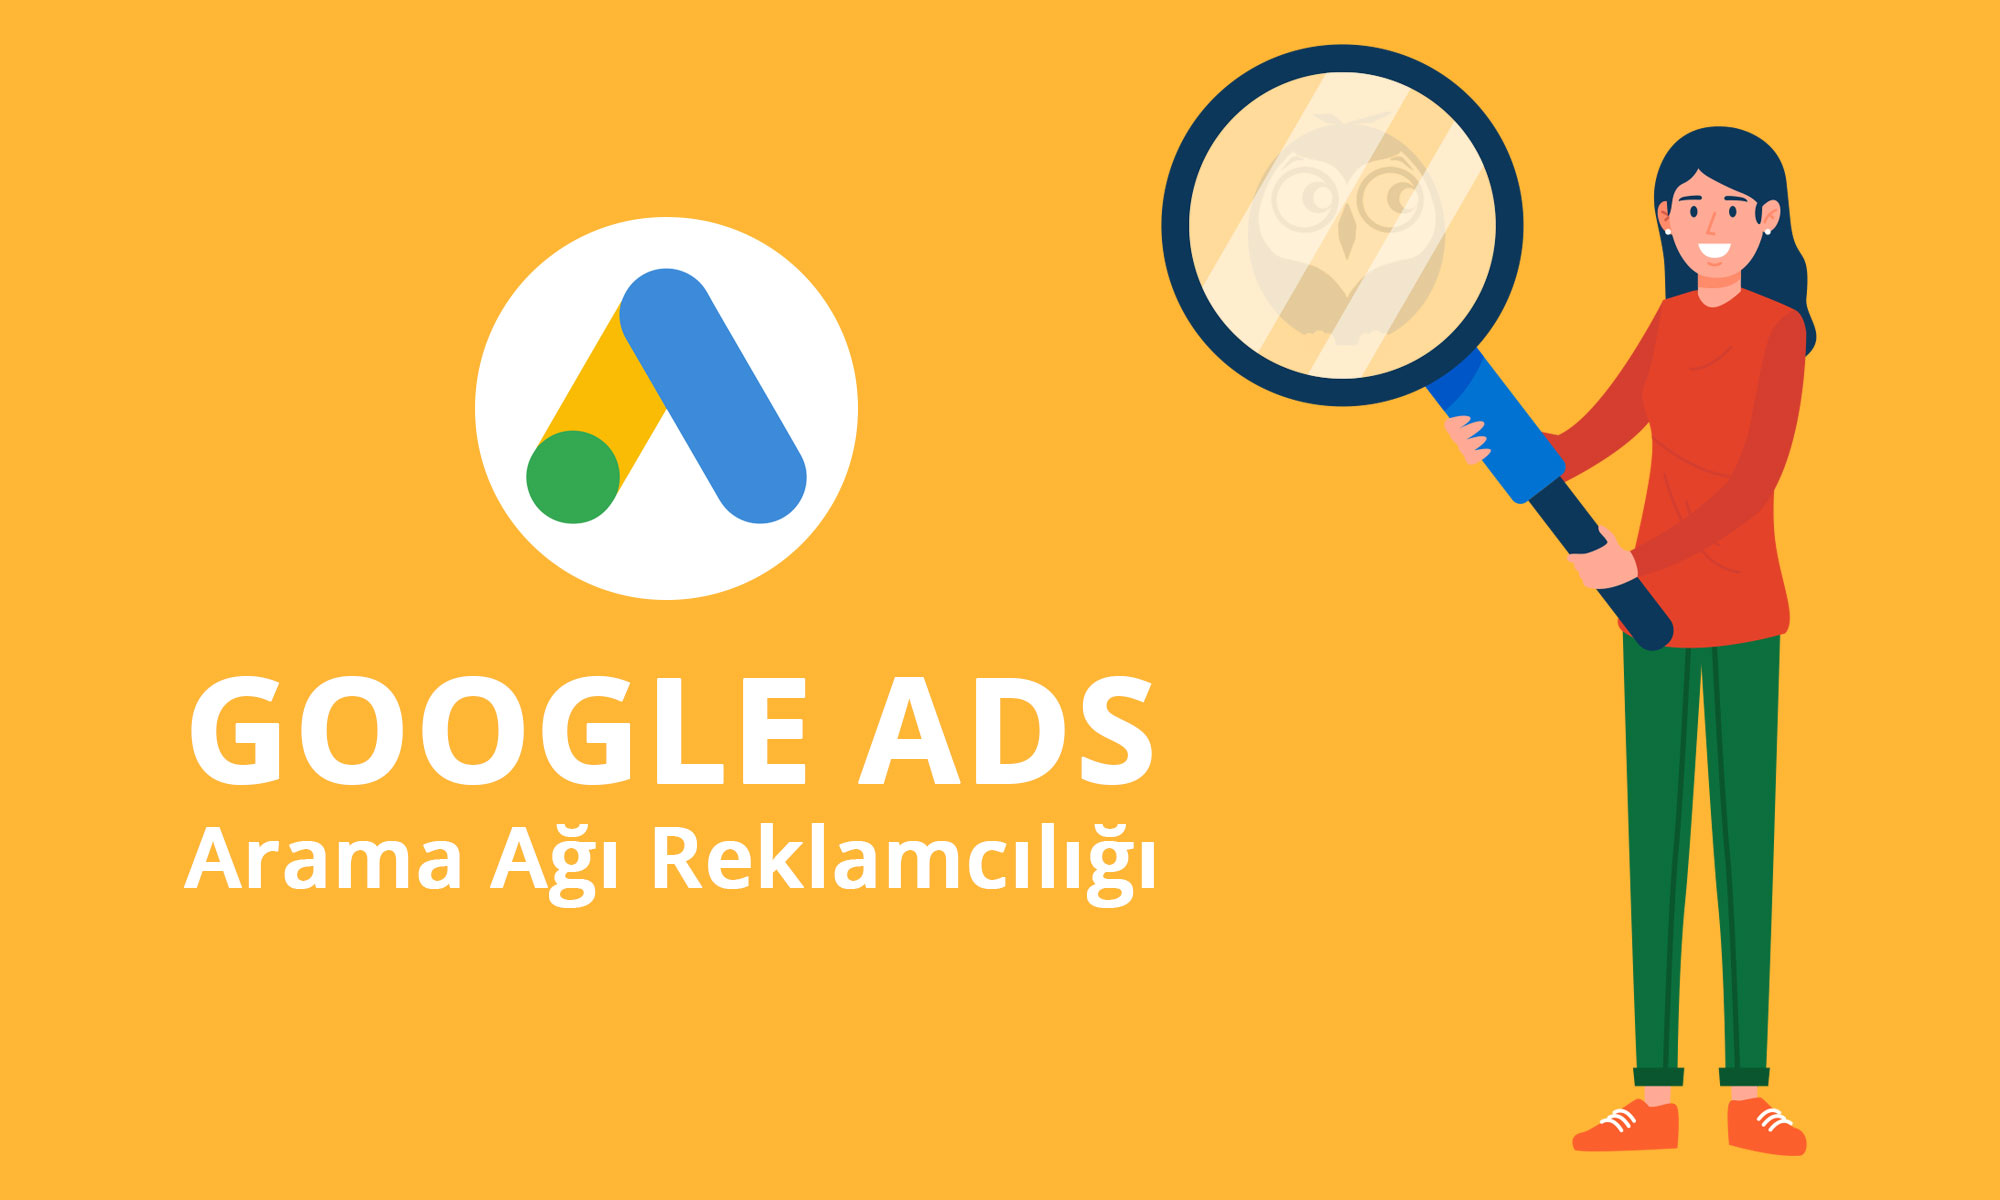 Google Arama Agi Kampanyasi